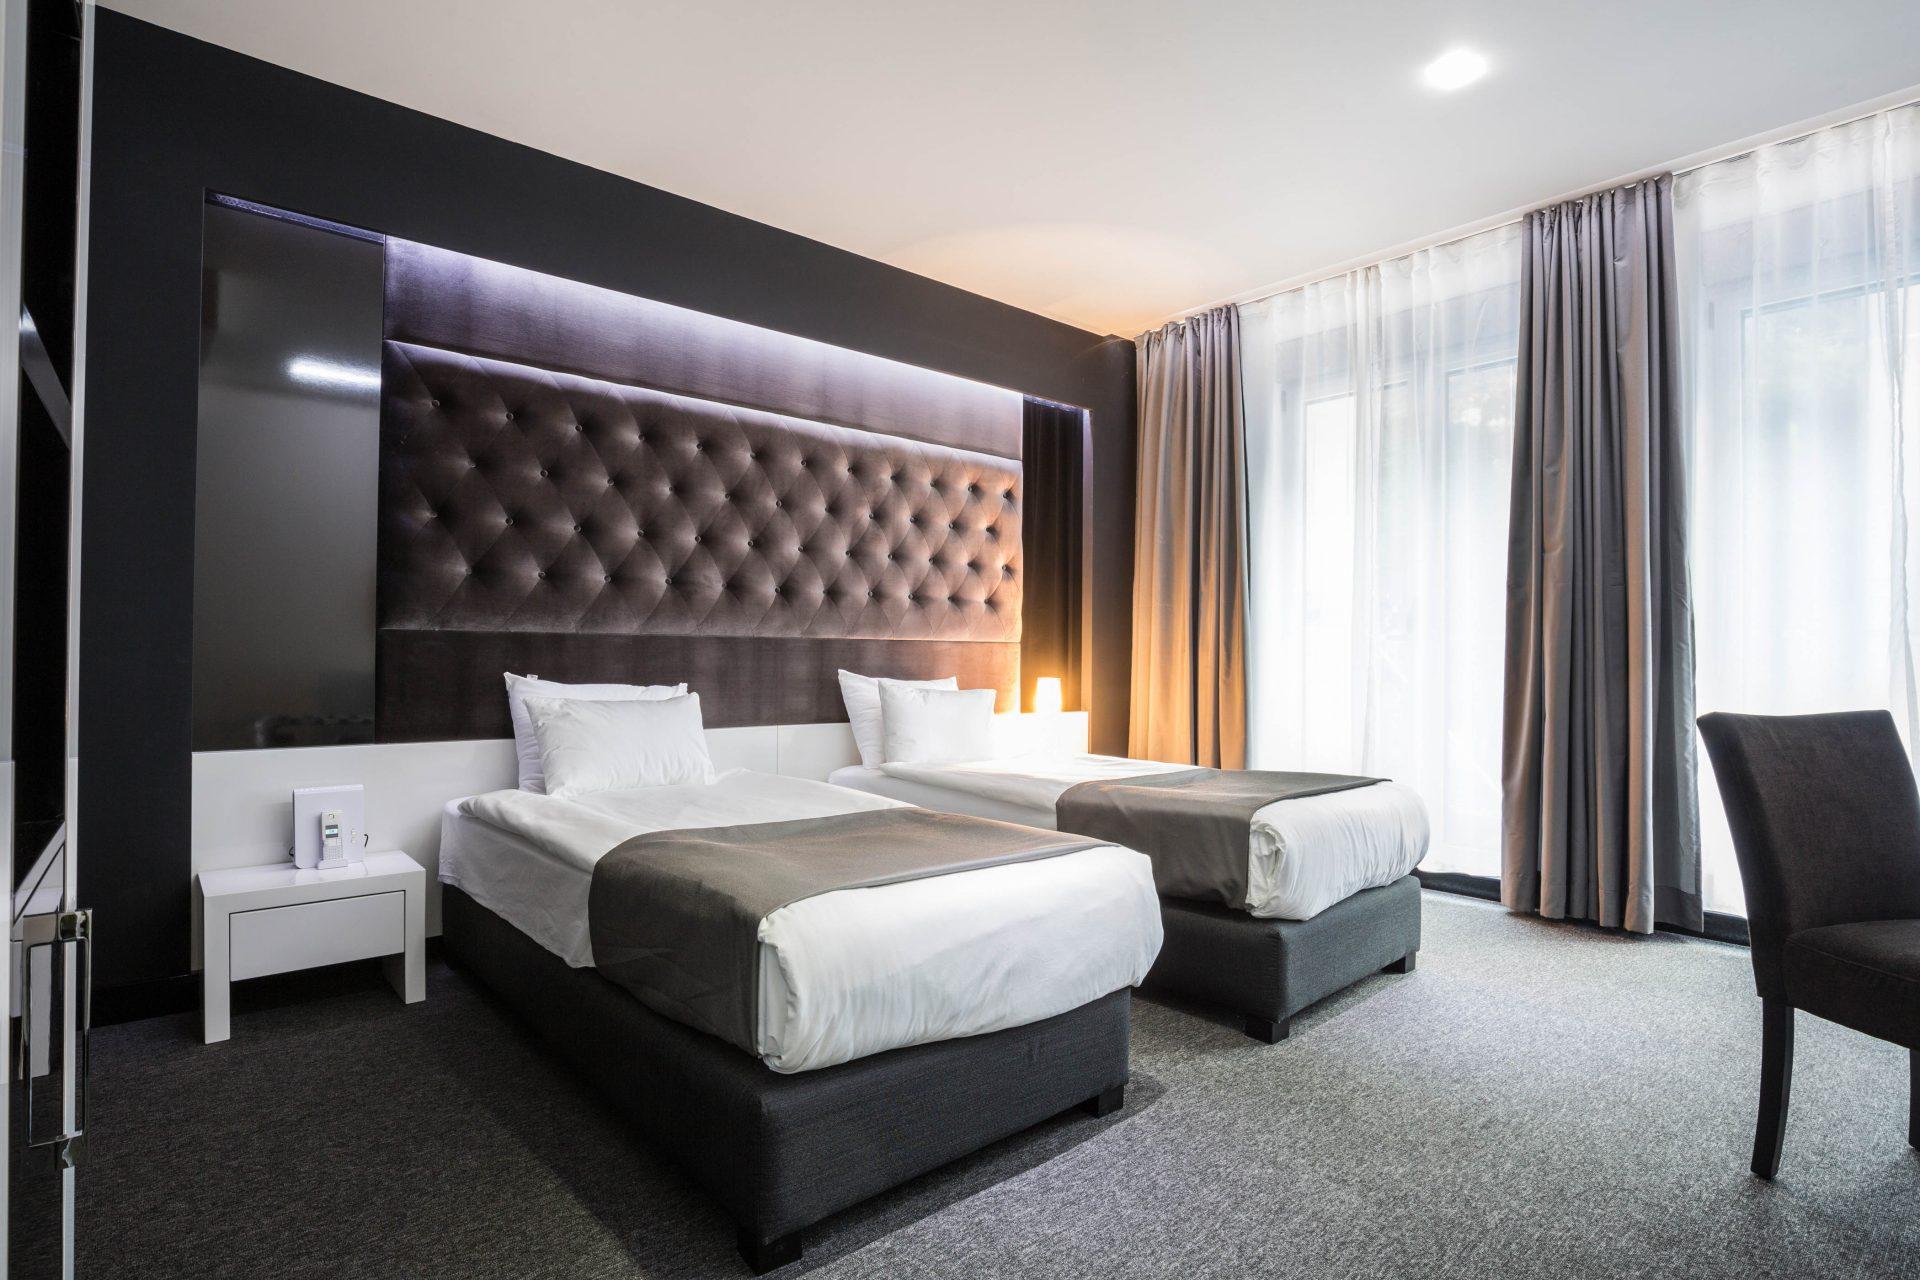 Blind Booking Hotel: Überraschungsunterkunft im nächsten Urlaub